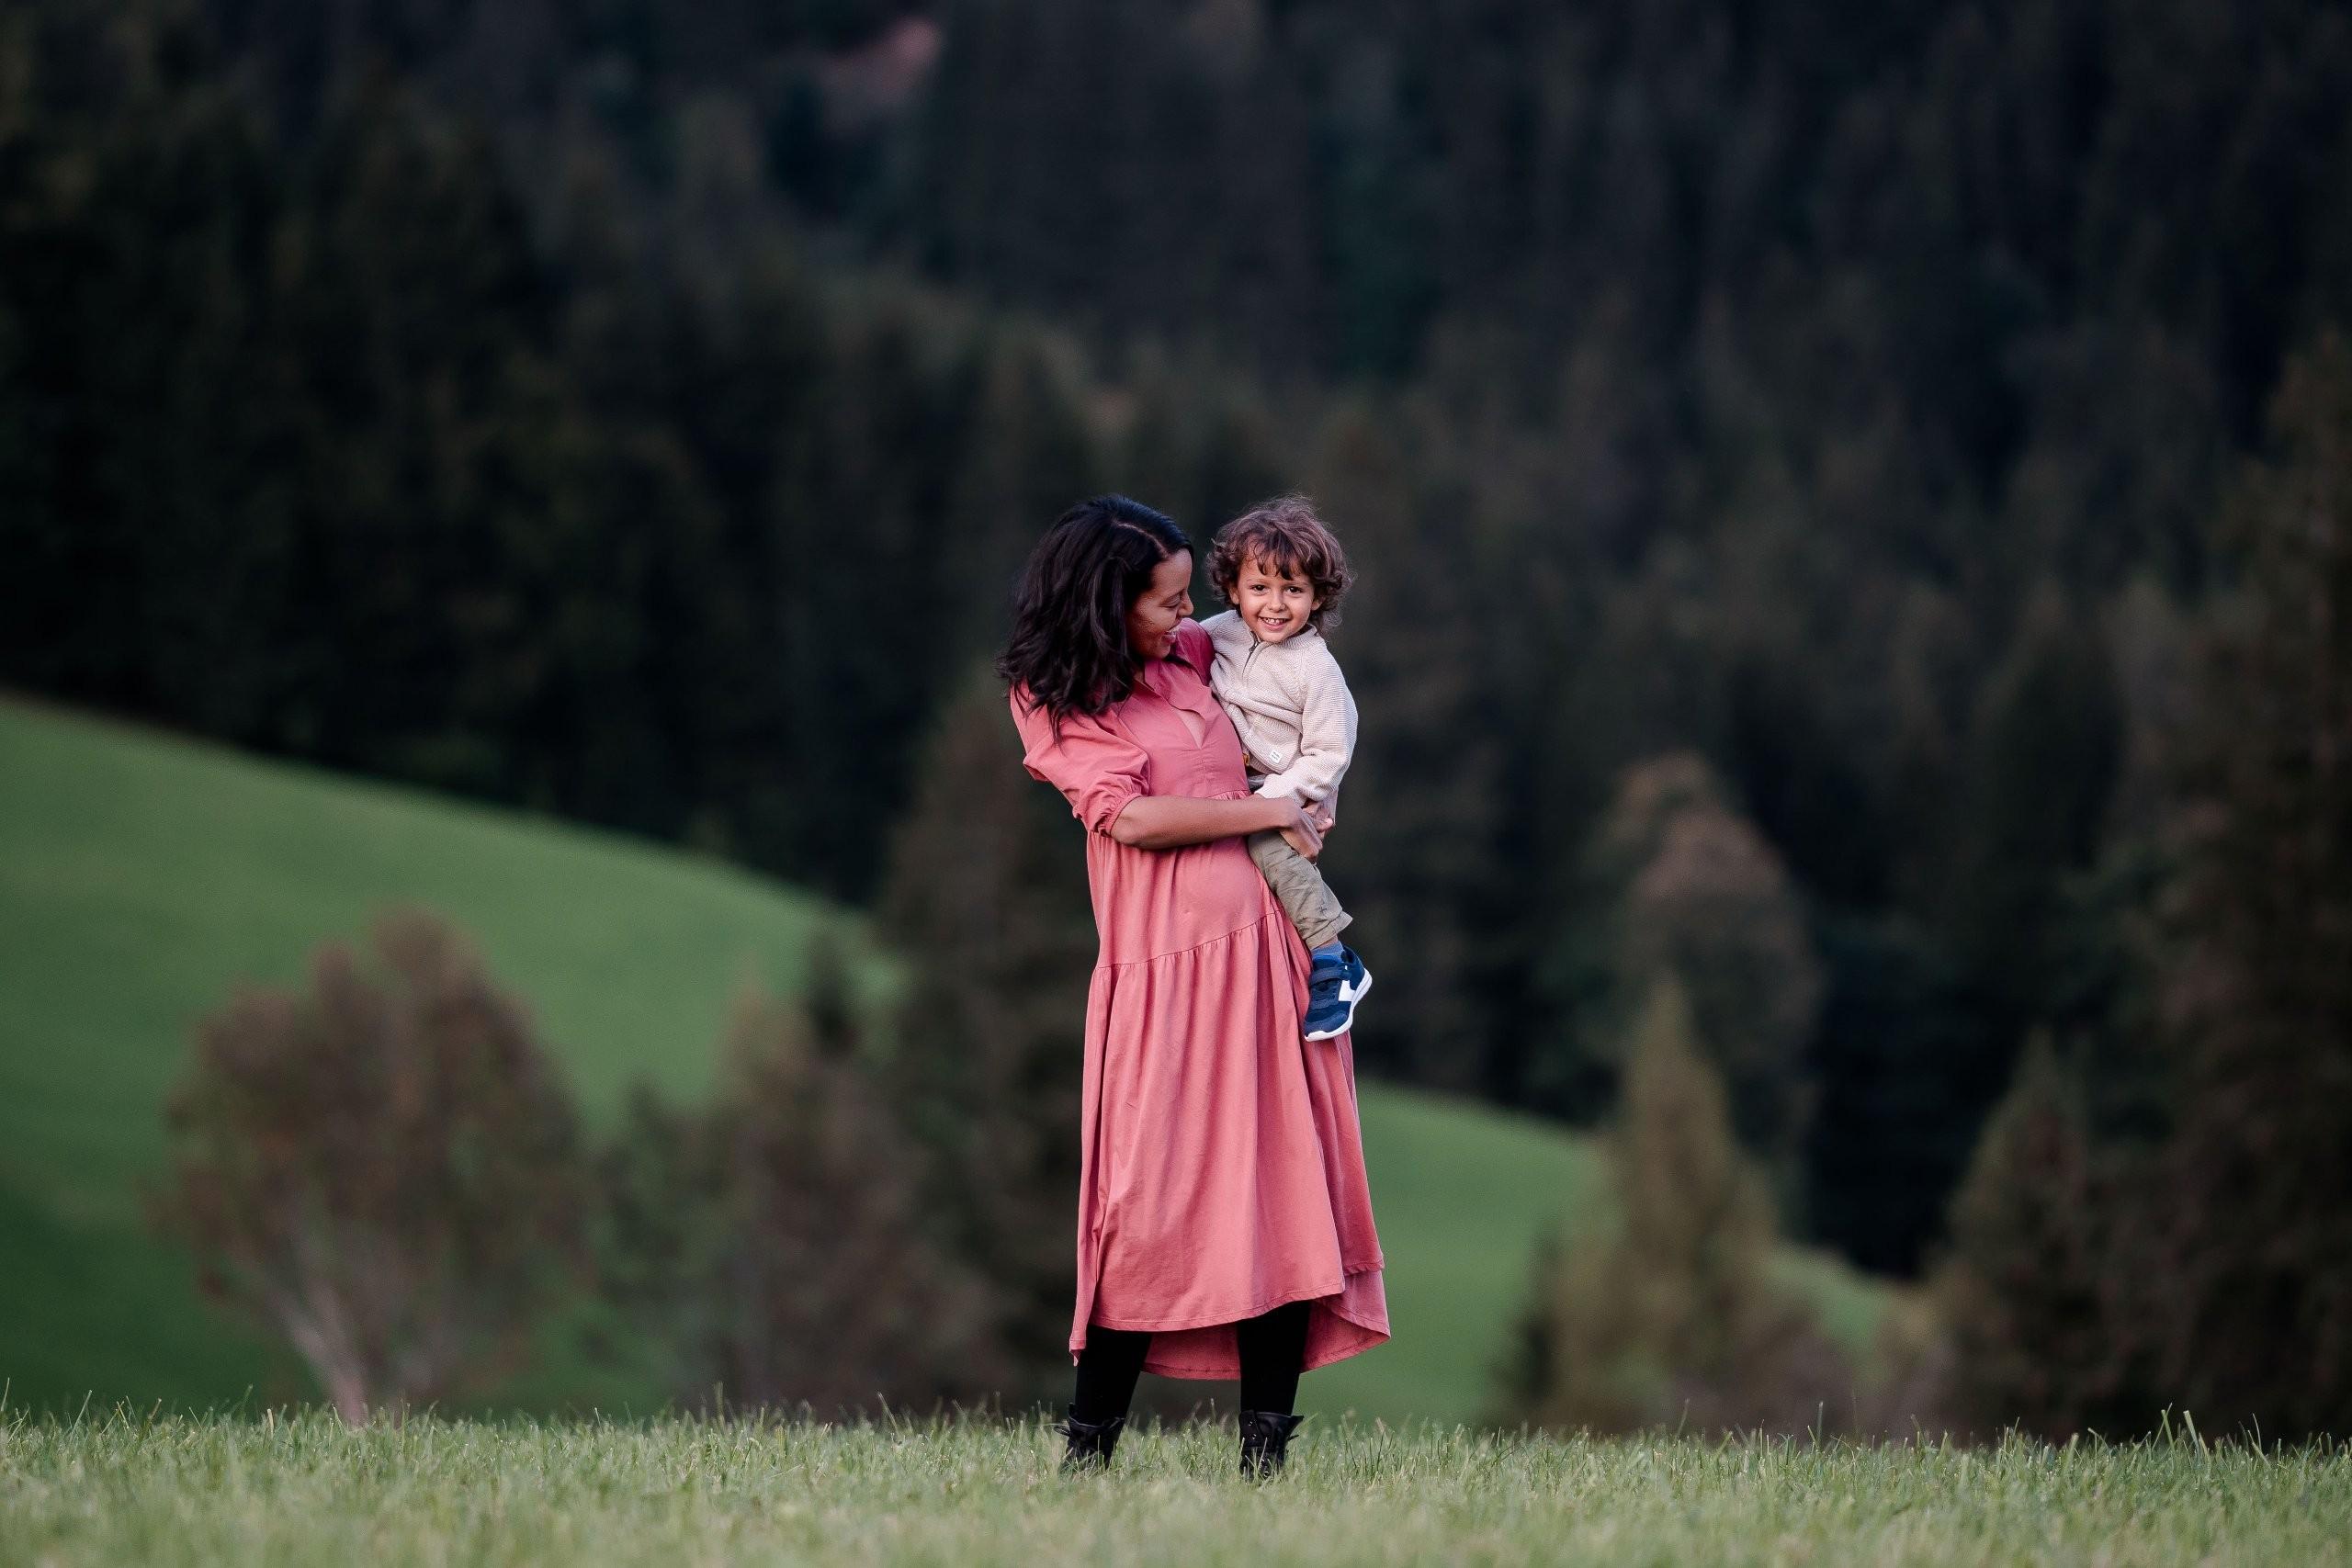 Aida + Tim | Hochzeitsfotografen am Bodensee Aida Glowik